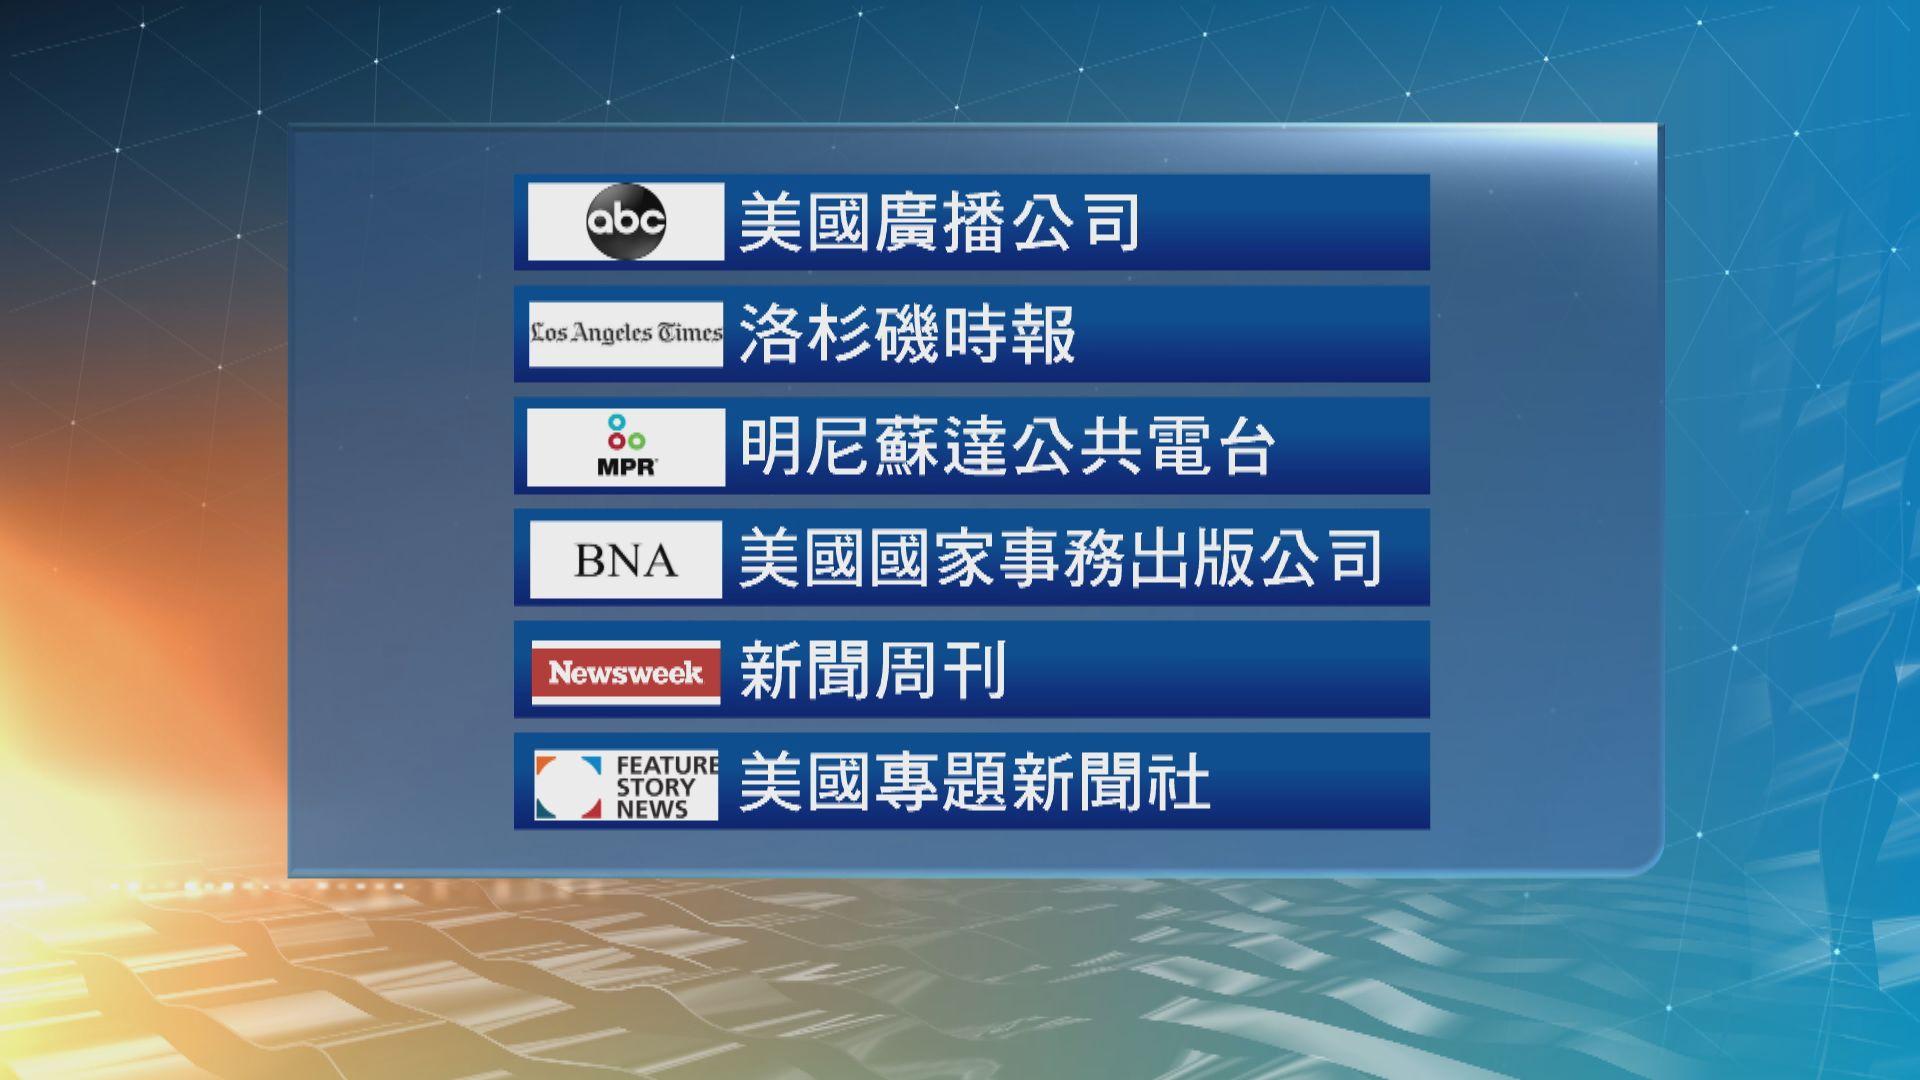 中國要求六間美國傳媒申報員工和財務資料